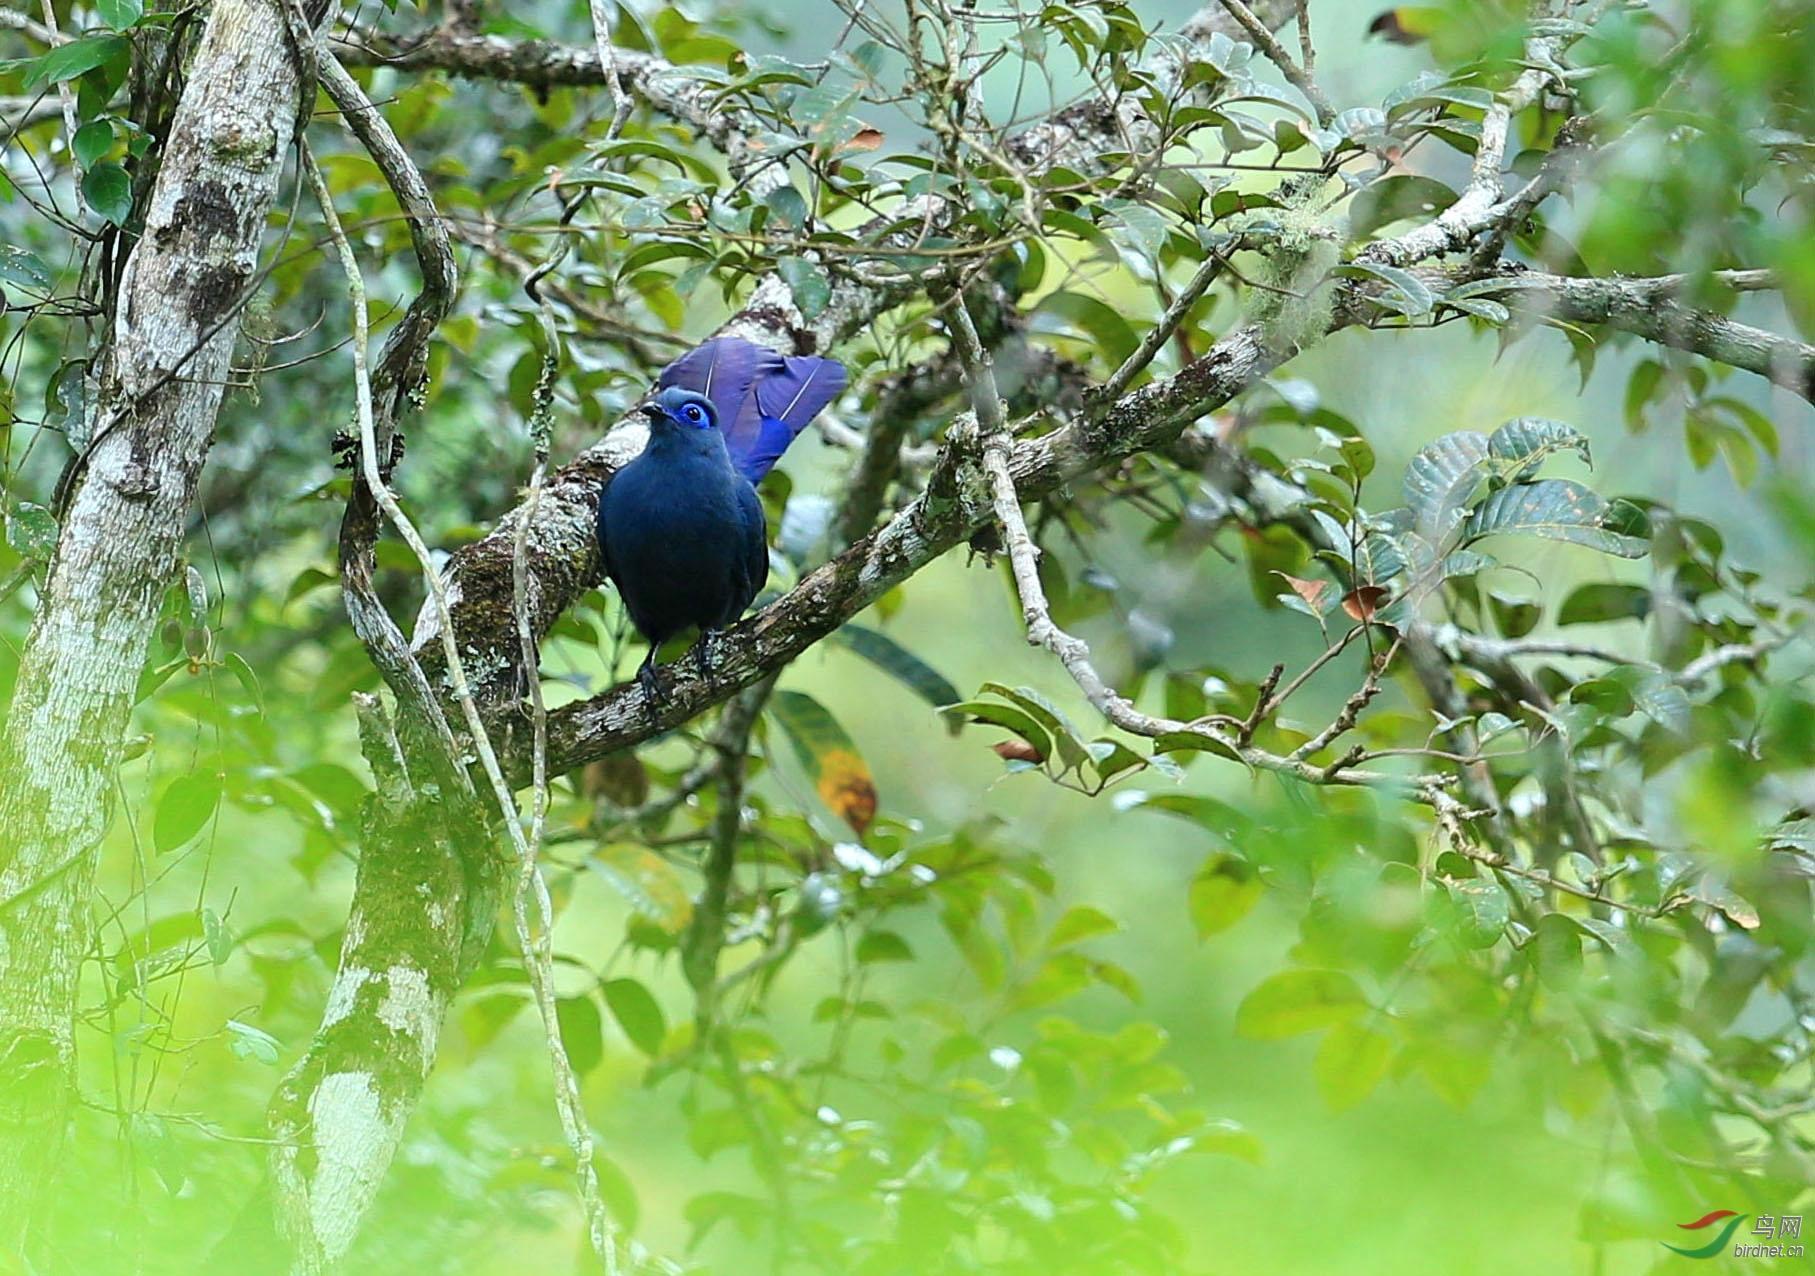 马岛蓝鹃 - 马达加斯加之旅